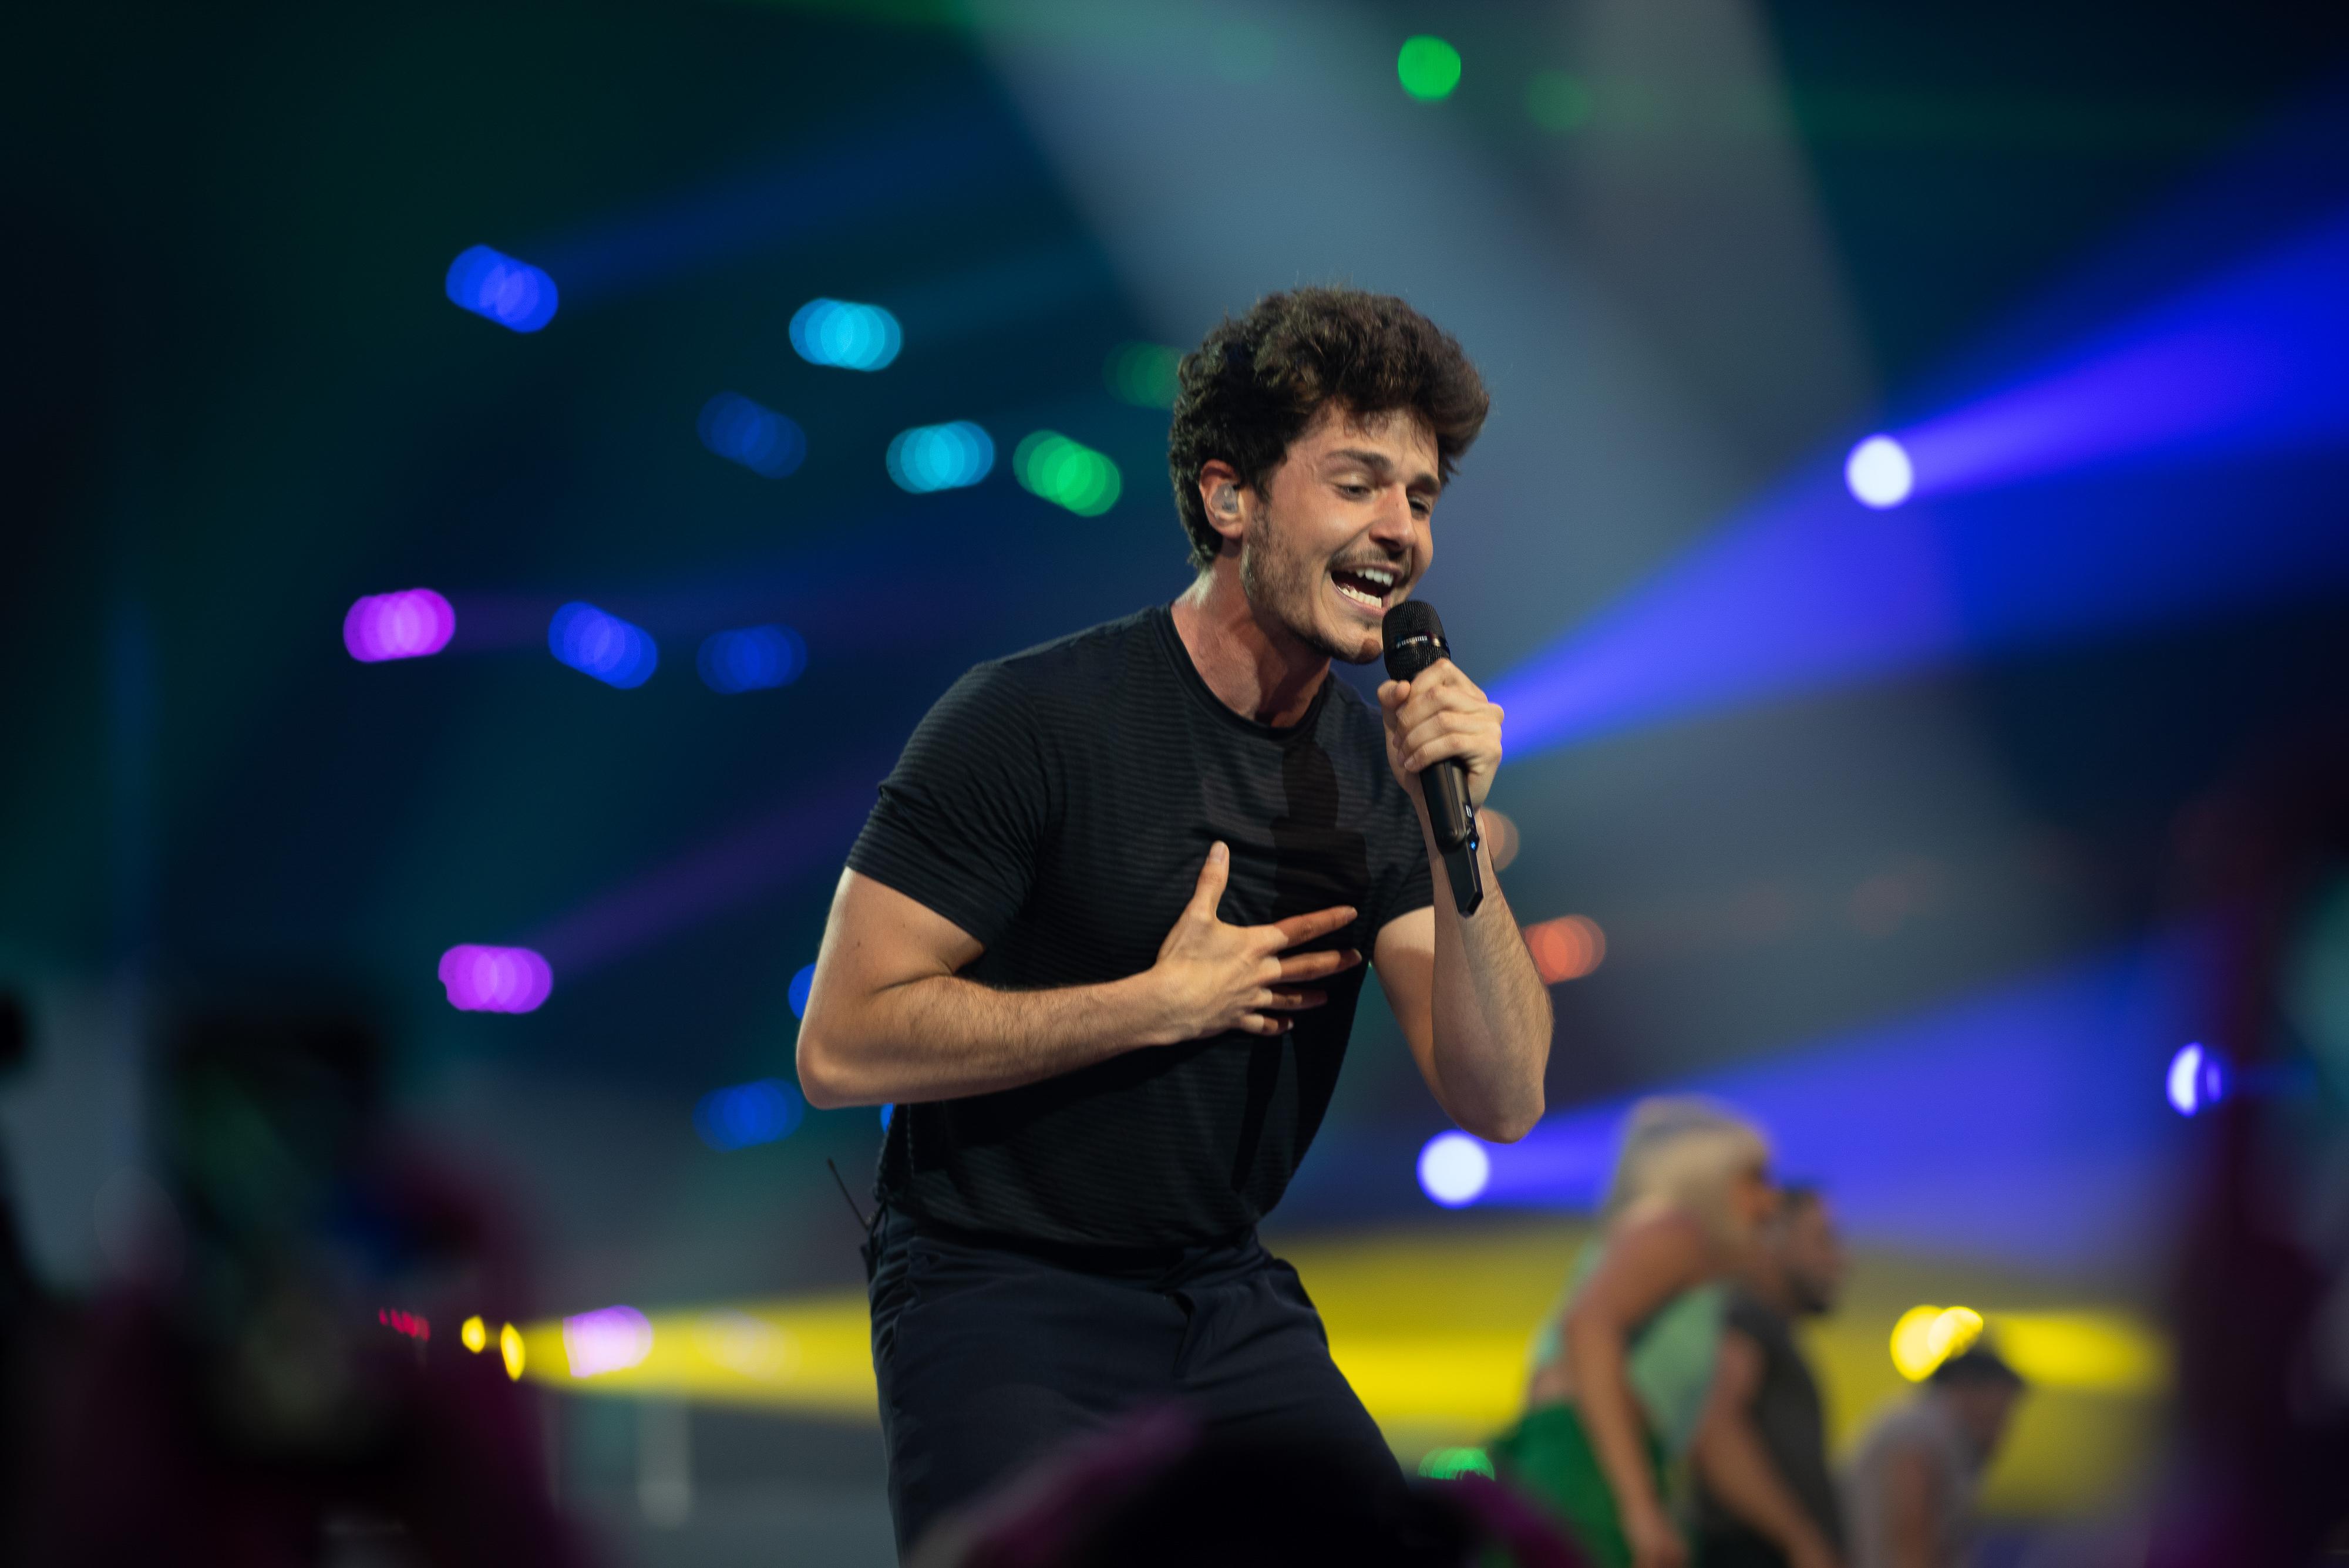 El cantant és un dels candidats a encapçalar el cartell del Festival Feslloc.